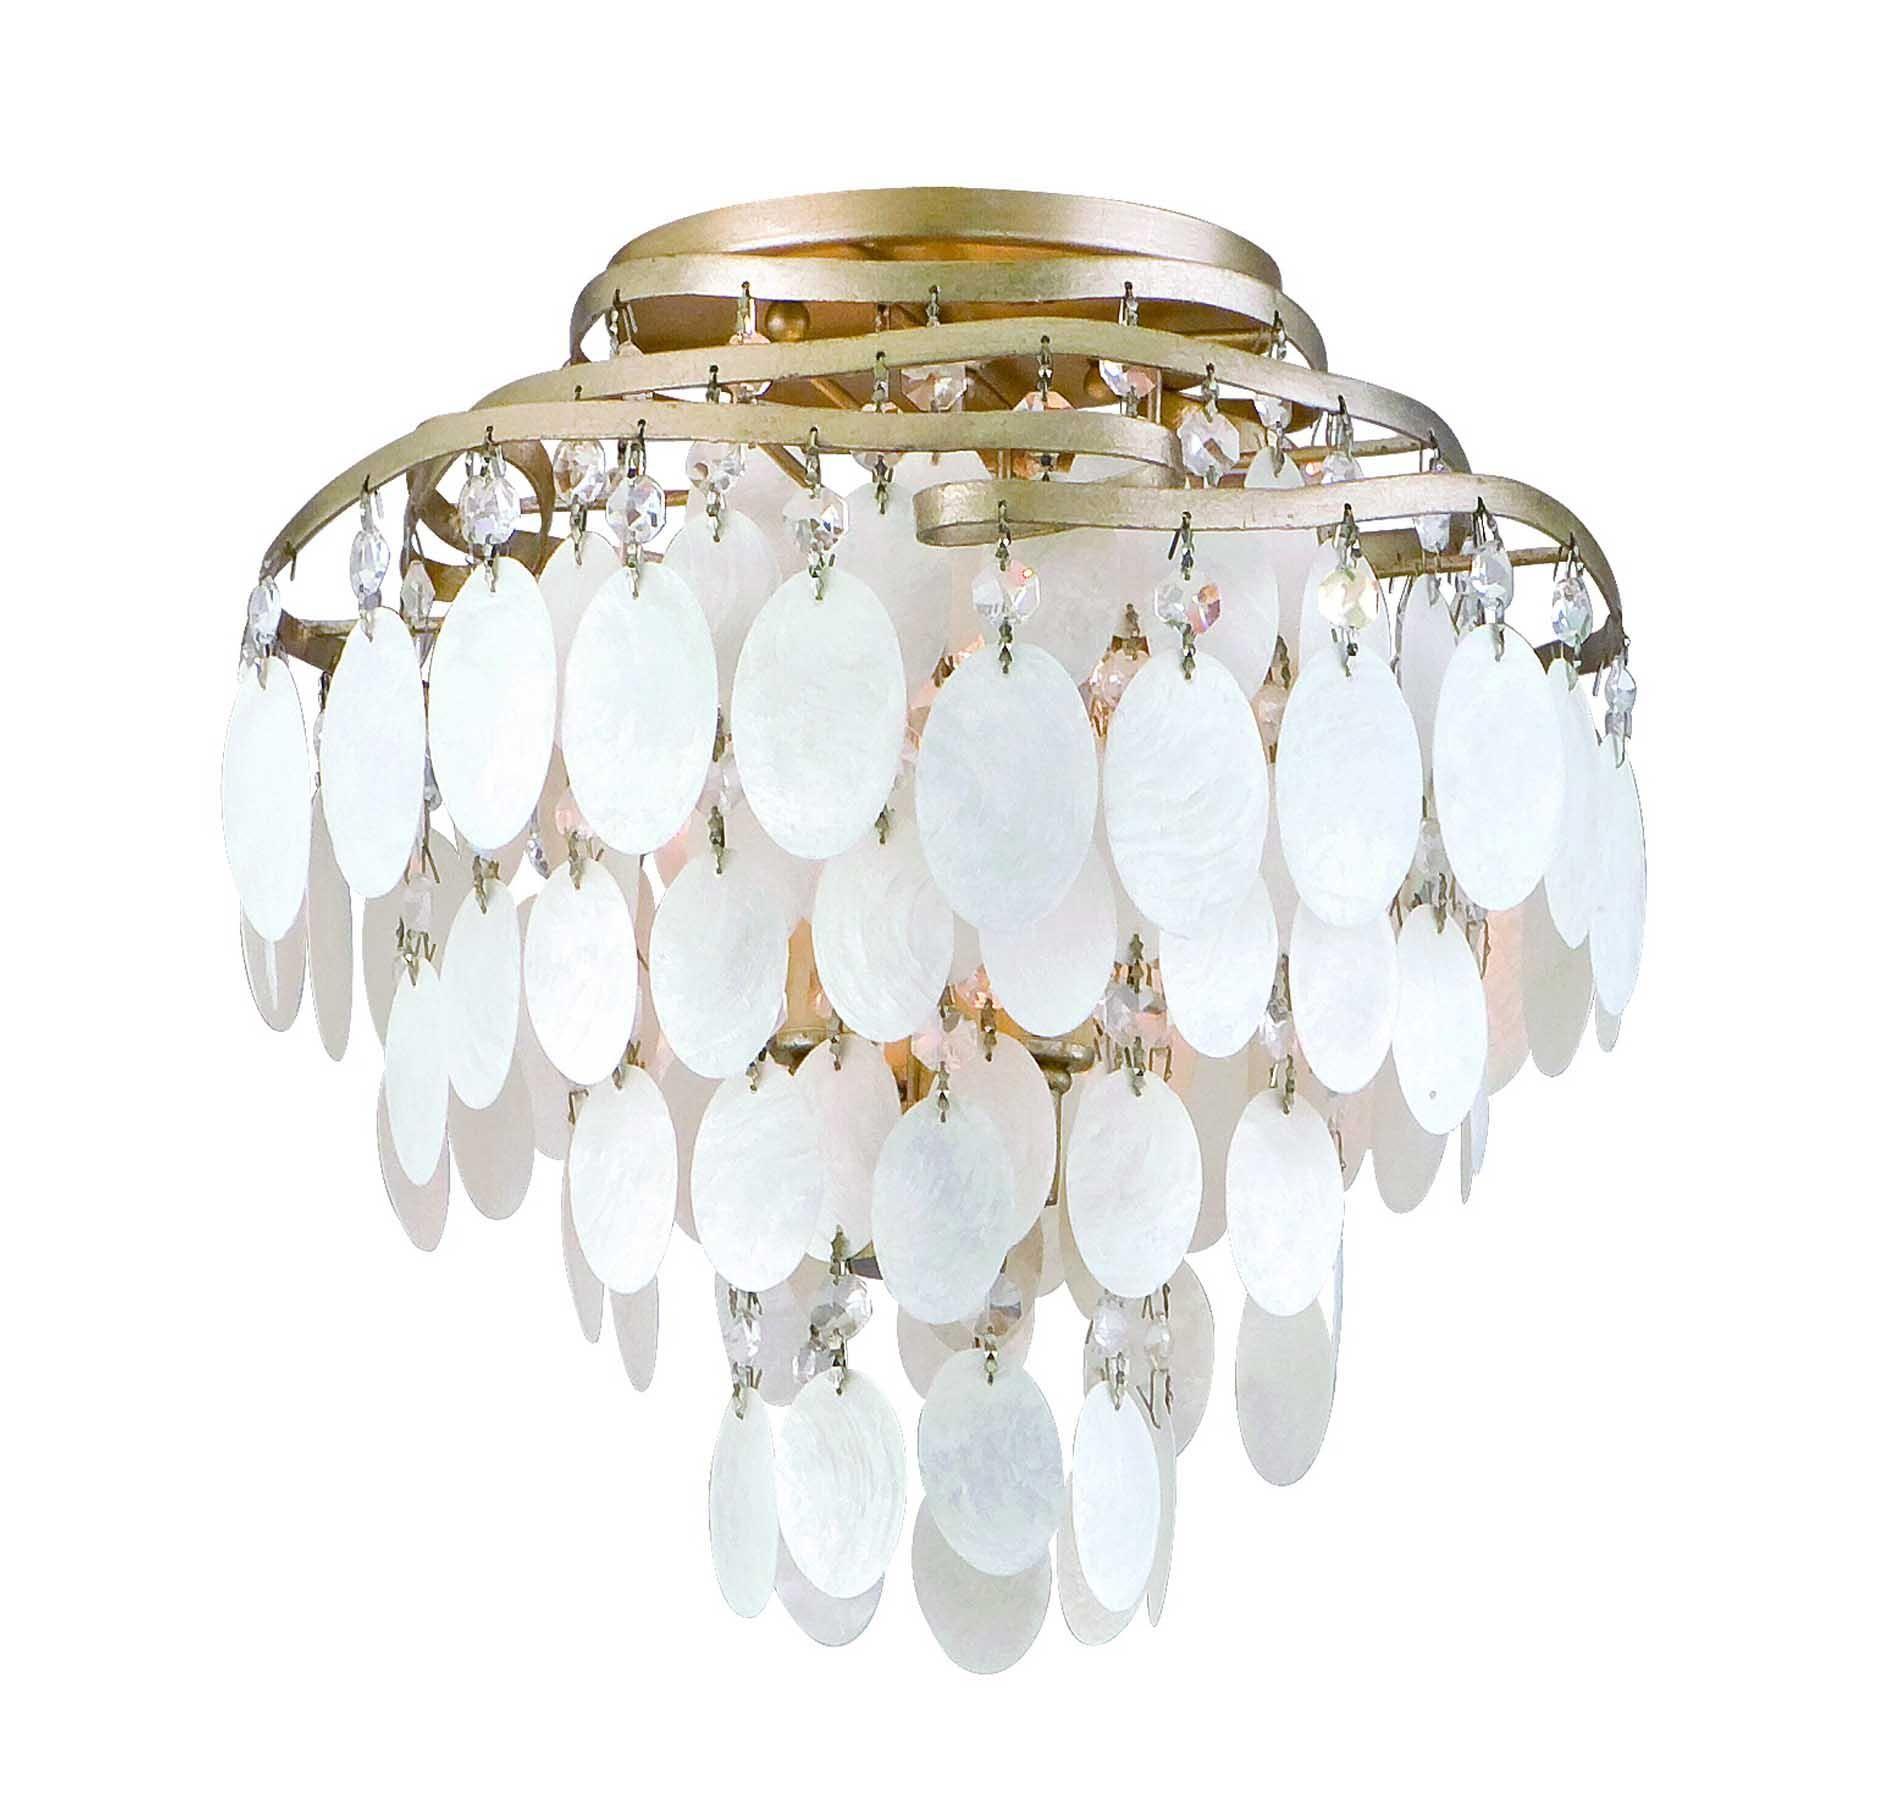 Corbett lighting dolce capiz shell lt semiflush mount corbett